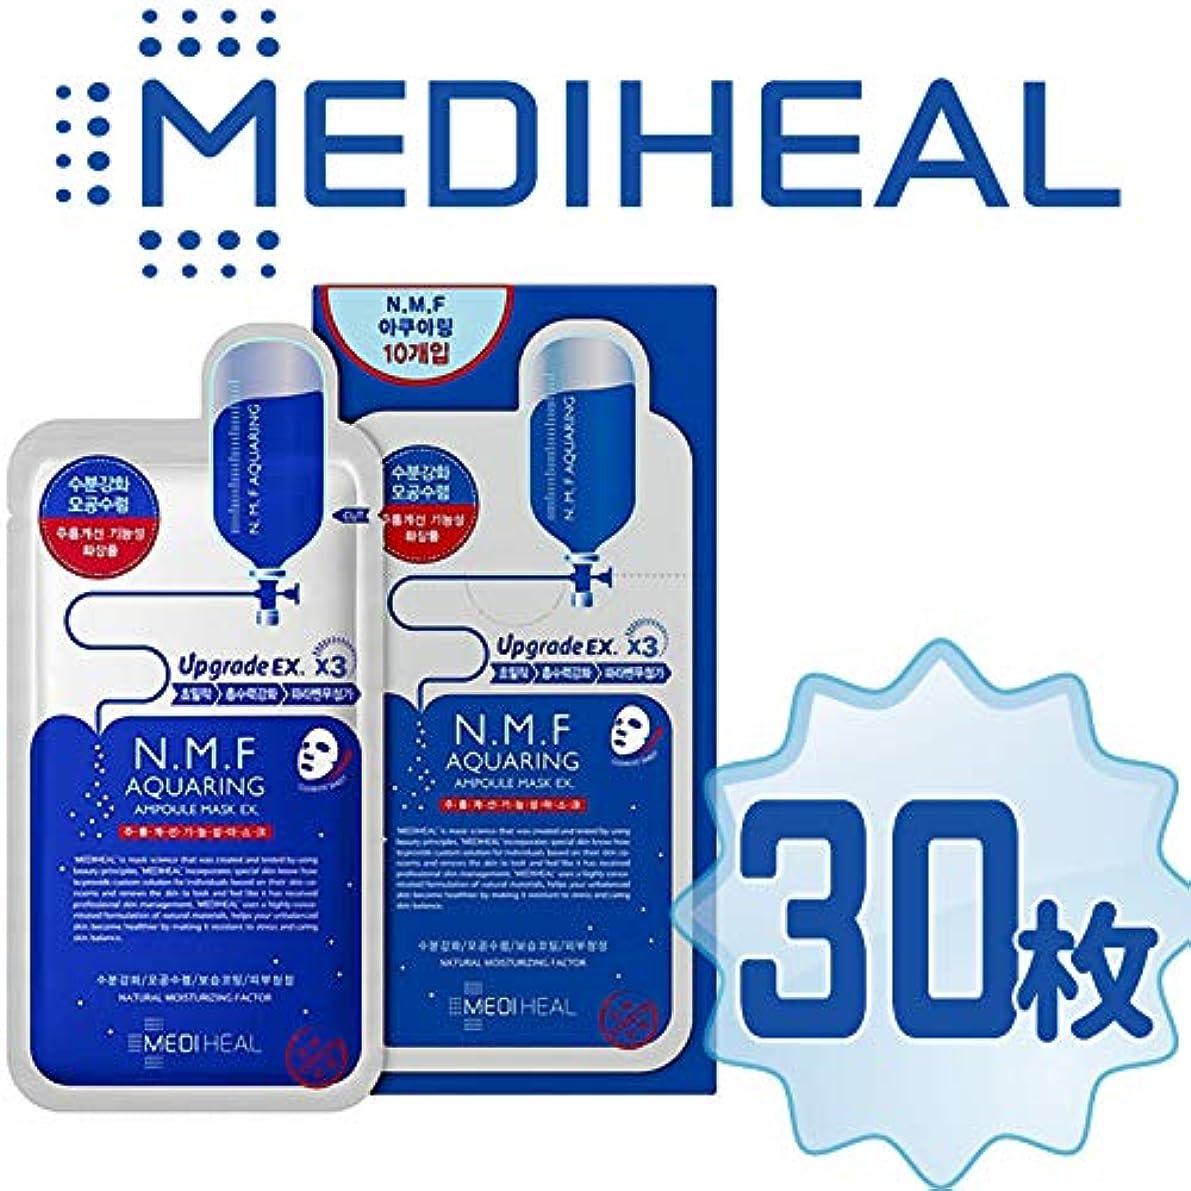 汚染する水っぽい精神【正規輸入品】Mediheal メディヒール N.M.F アクアリング アンプル?マスクパックEX 10枚入り×3(Aquaring Ampoule Essential Mask PackEX 1box(10sheet)×3